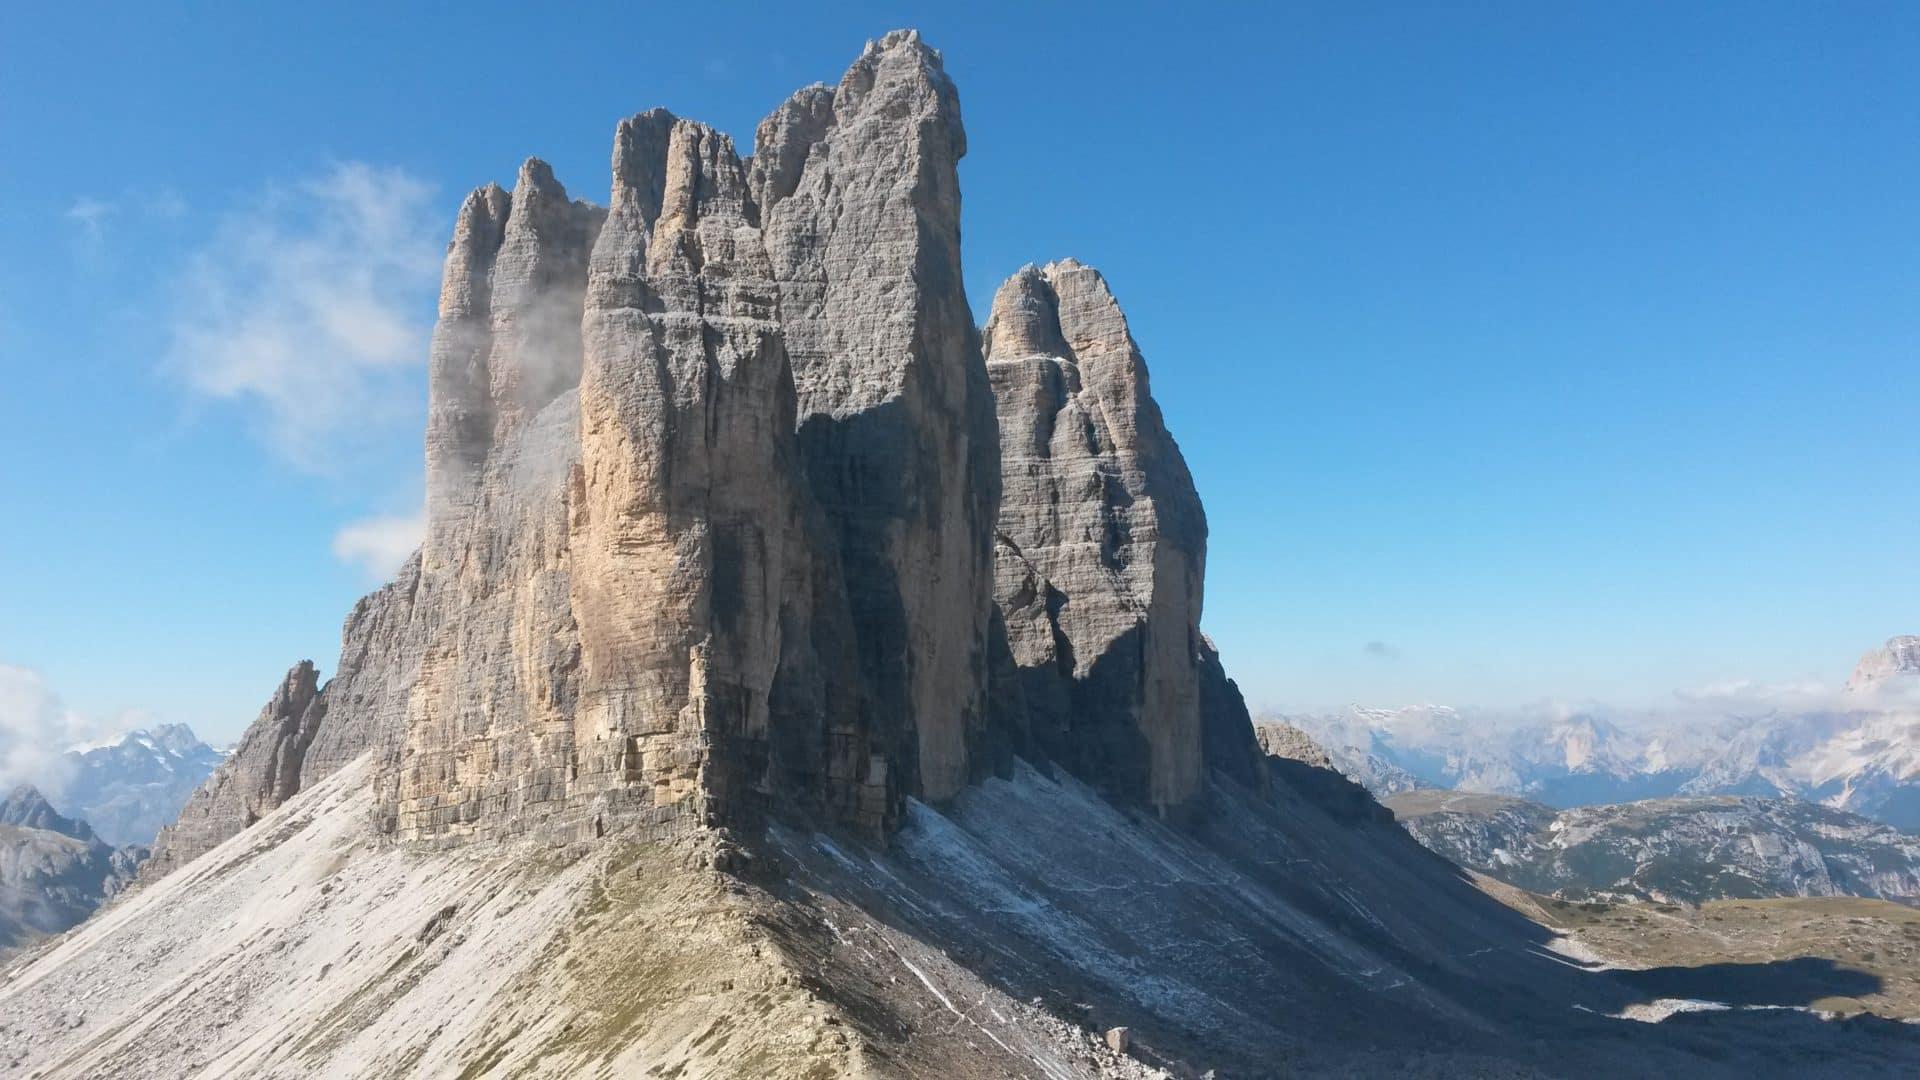 1-Day Alpine Climbing trip to Tre Cime di Lavaredo, Dolomites